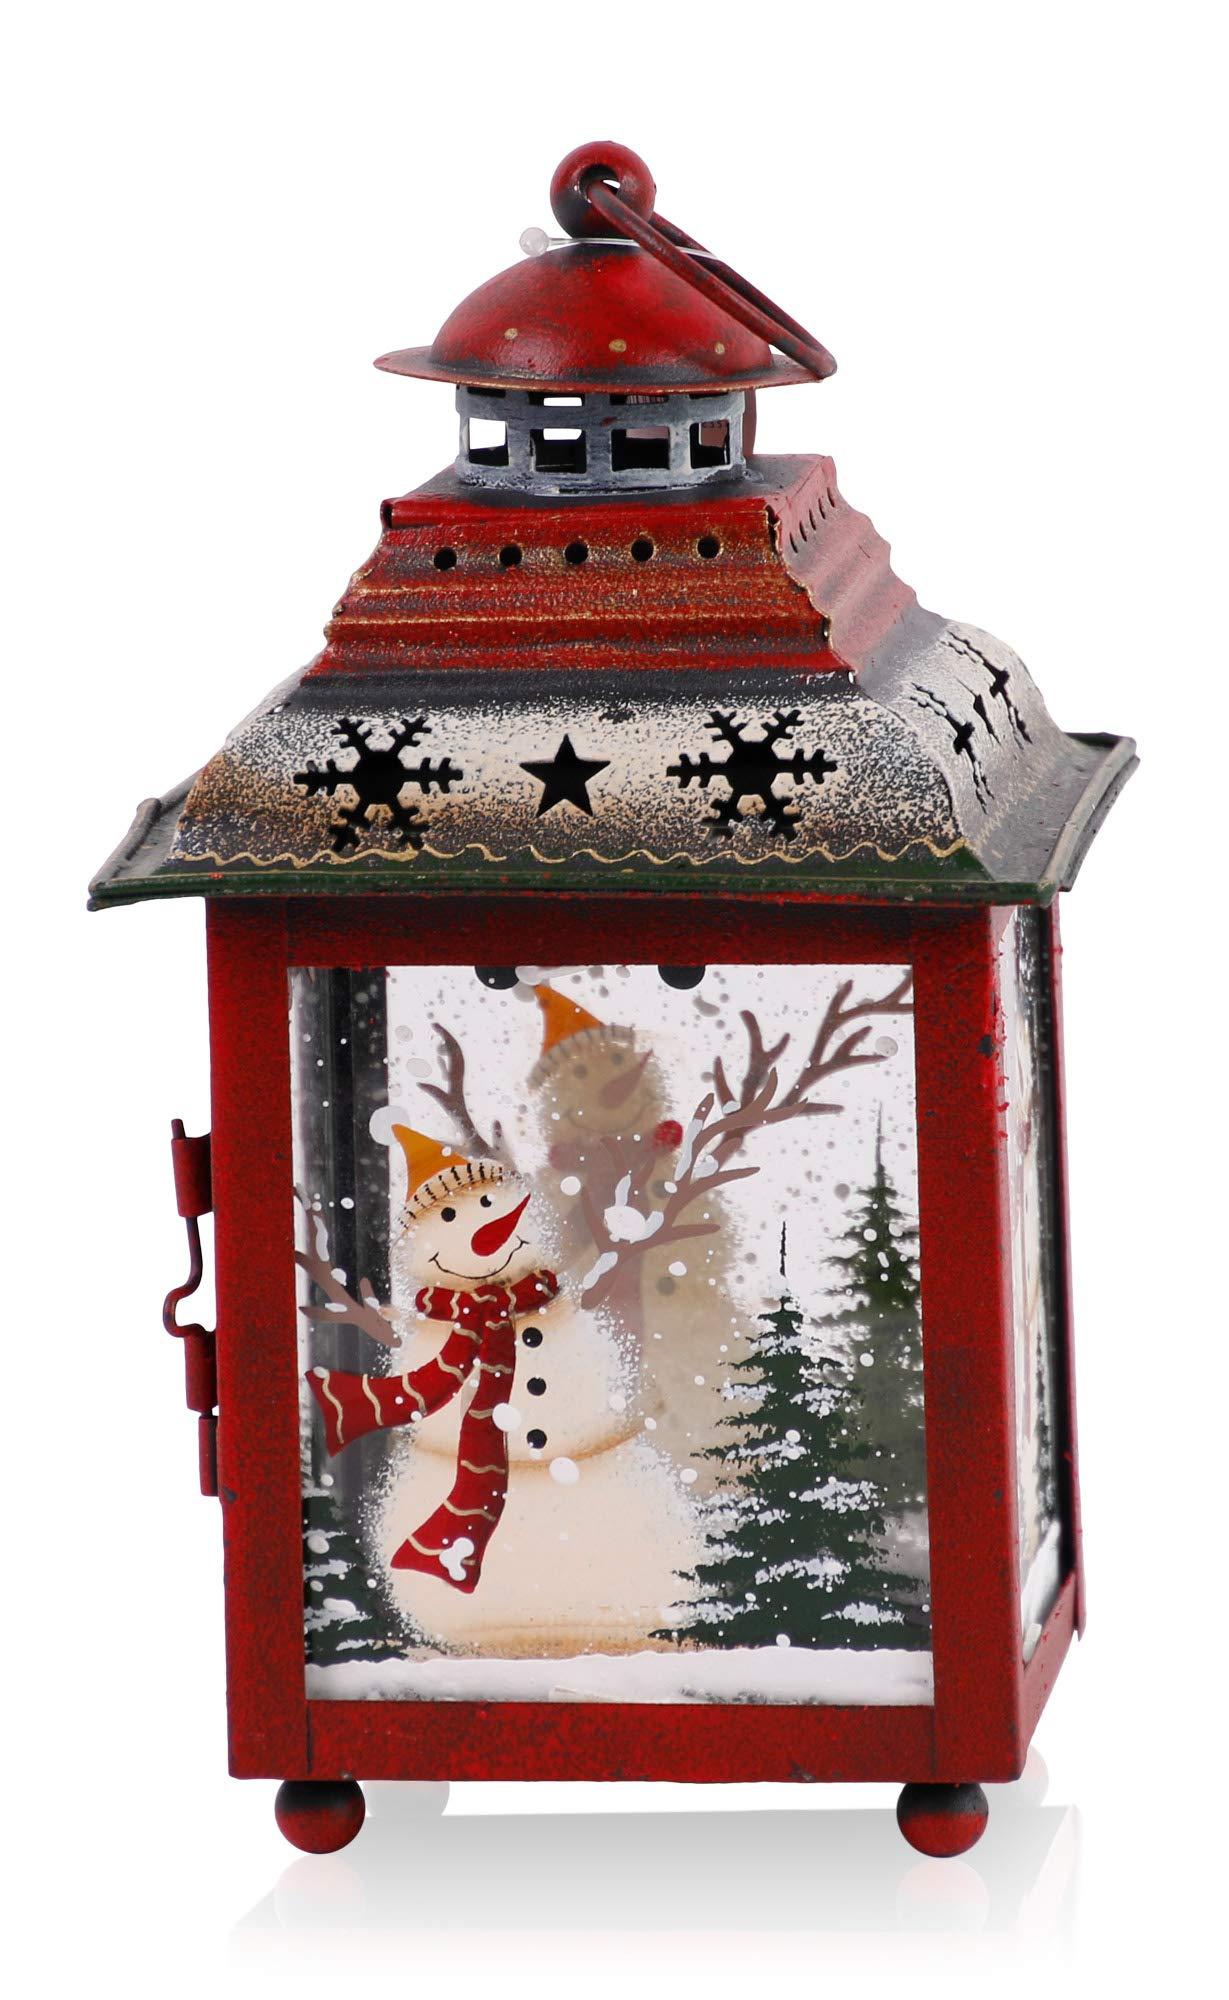 Christmas Paradise Weihnachtslaterne 20 cm Weihnachtsdekoration Weihnachtsstern